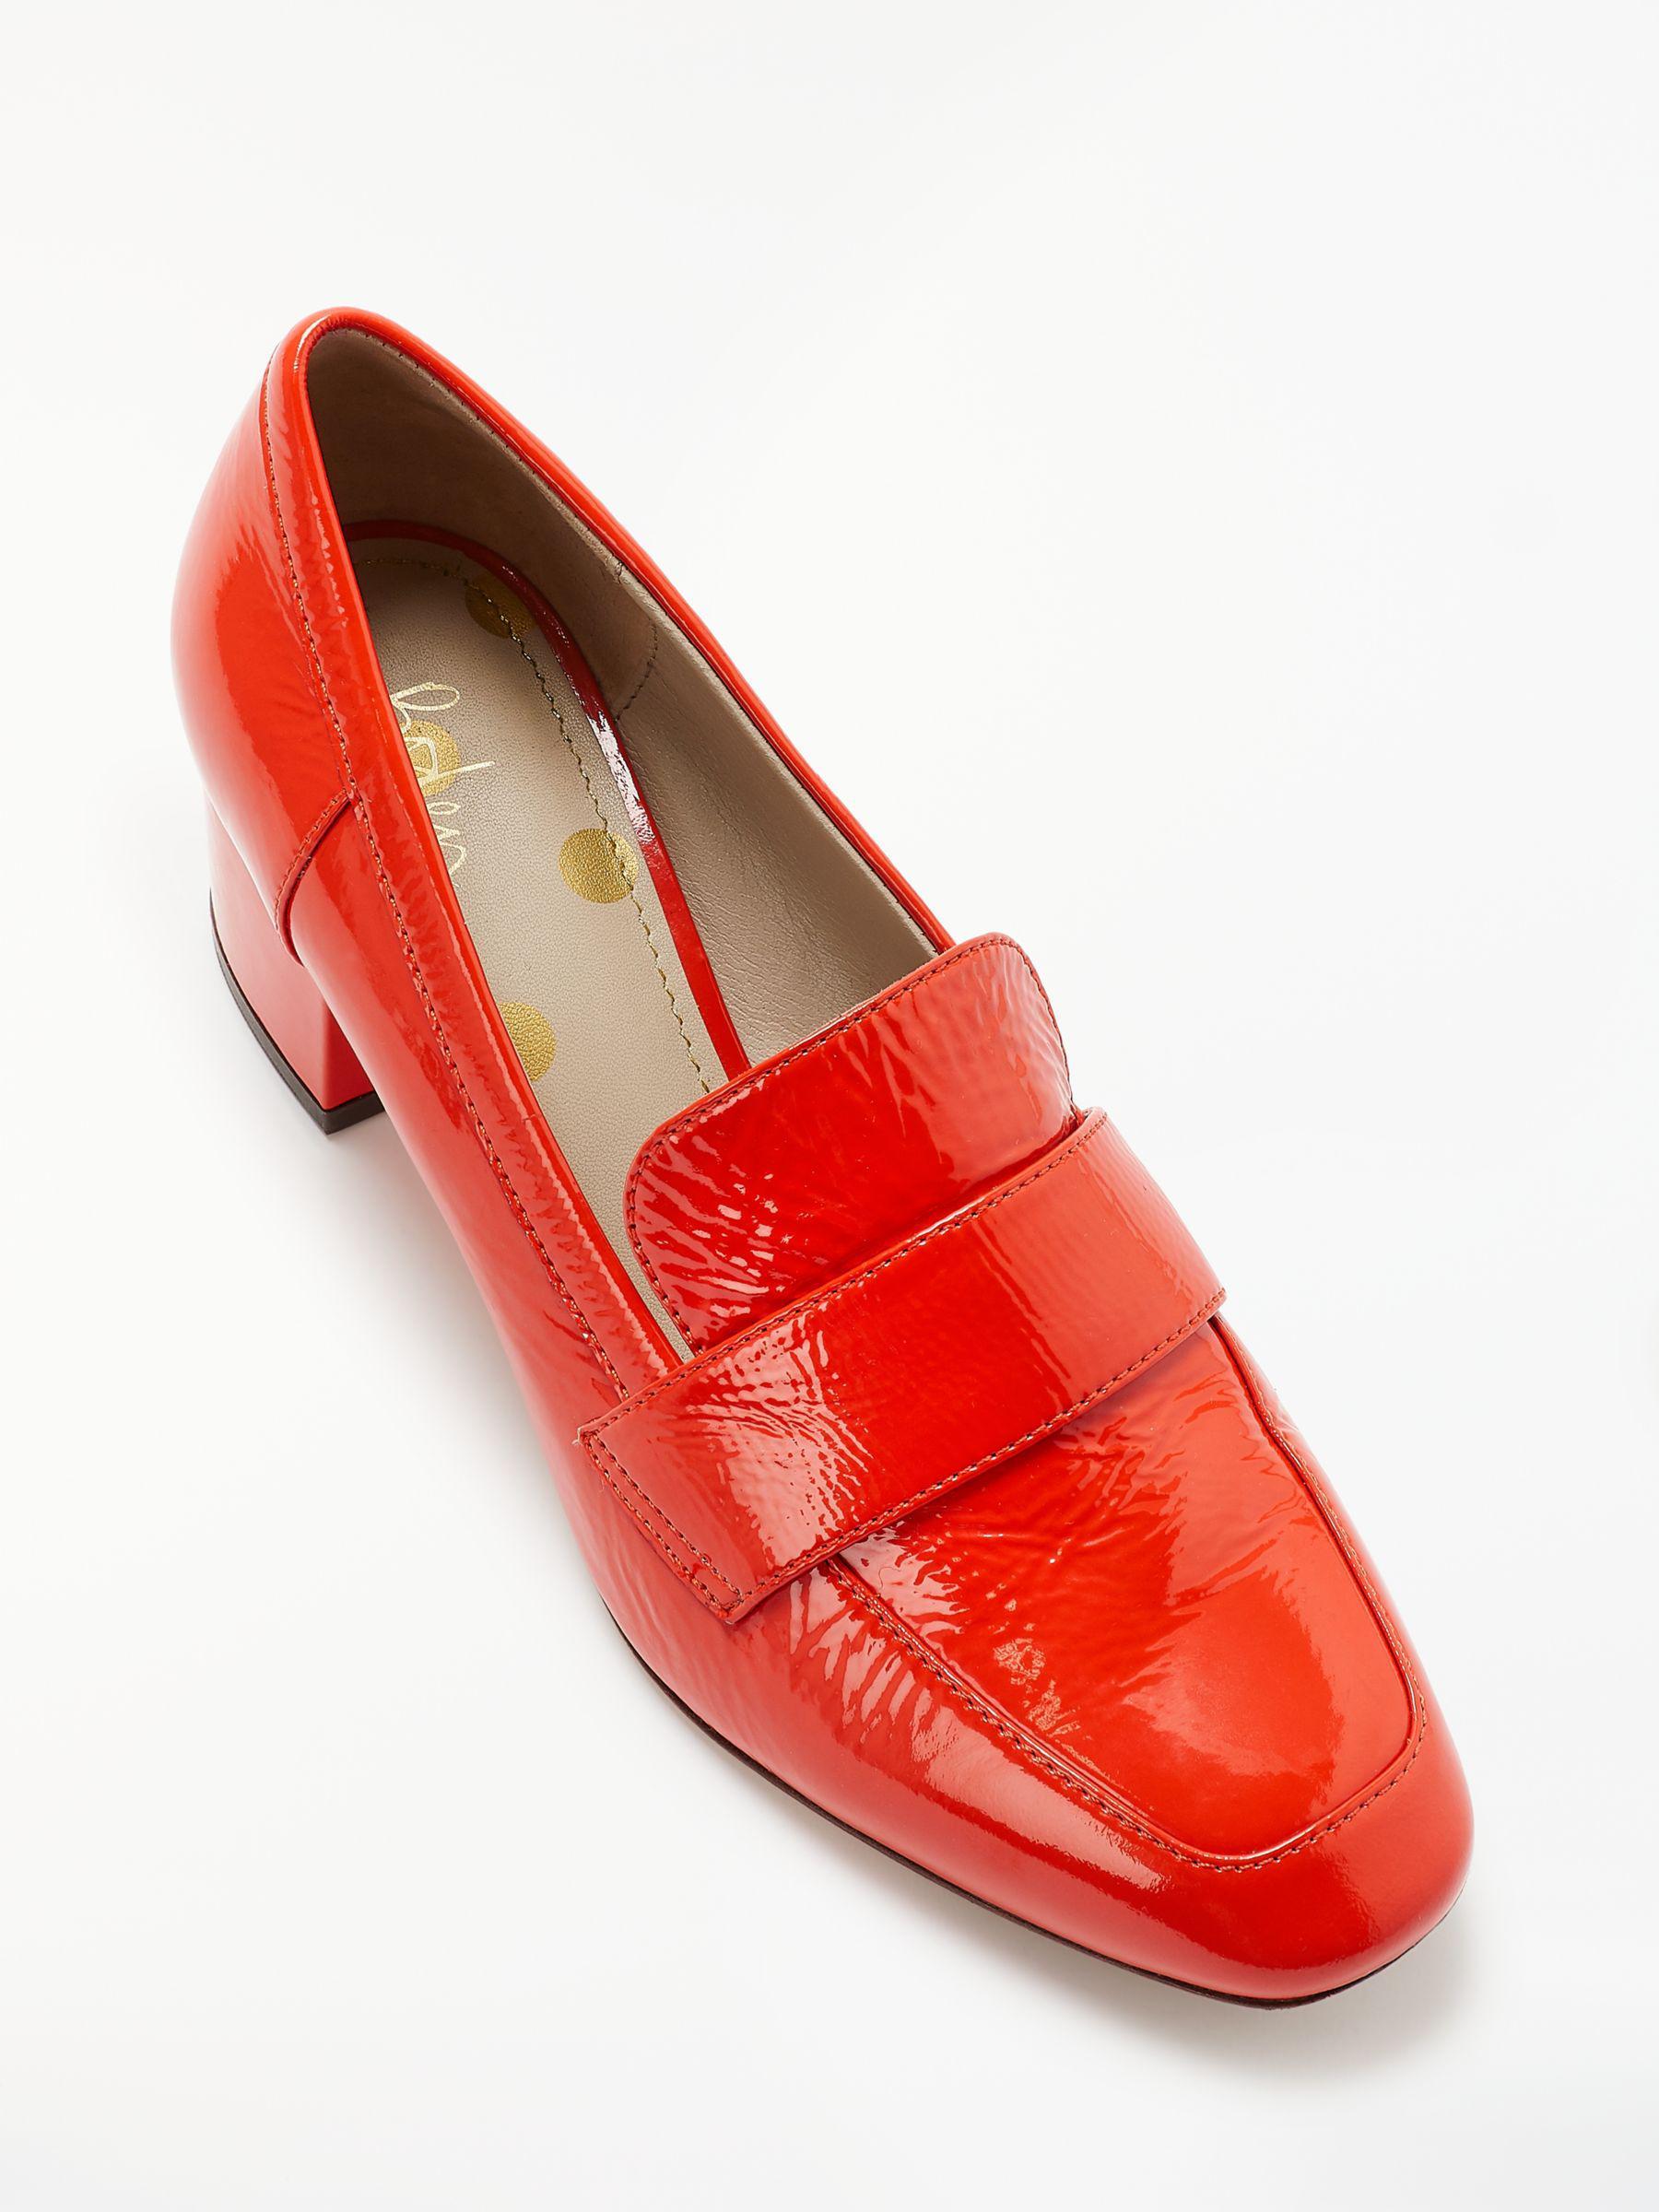 9de70ca92f6 Boden Alicia Block Heel Loafers in Red - Lyst